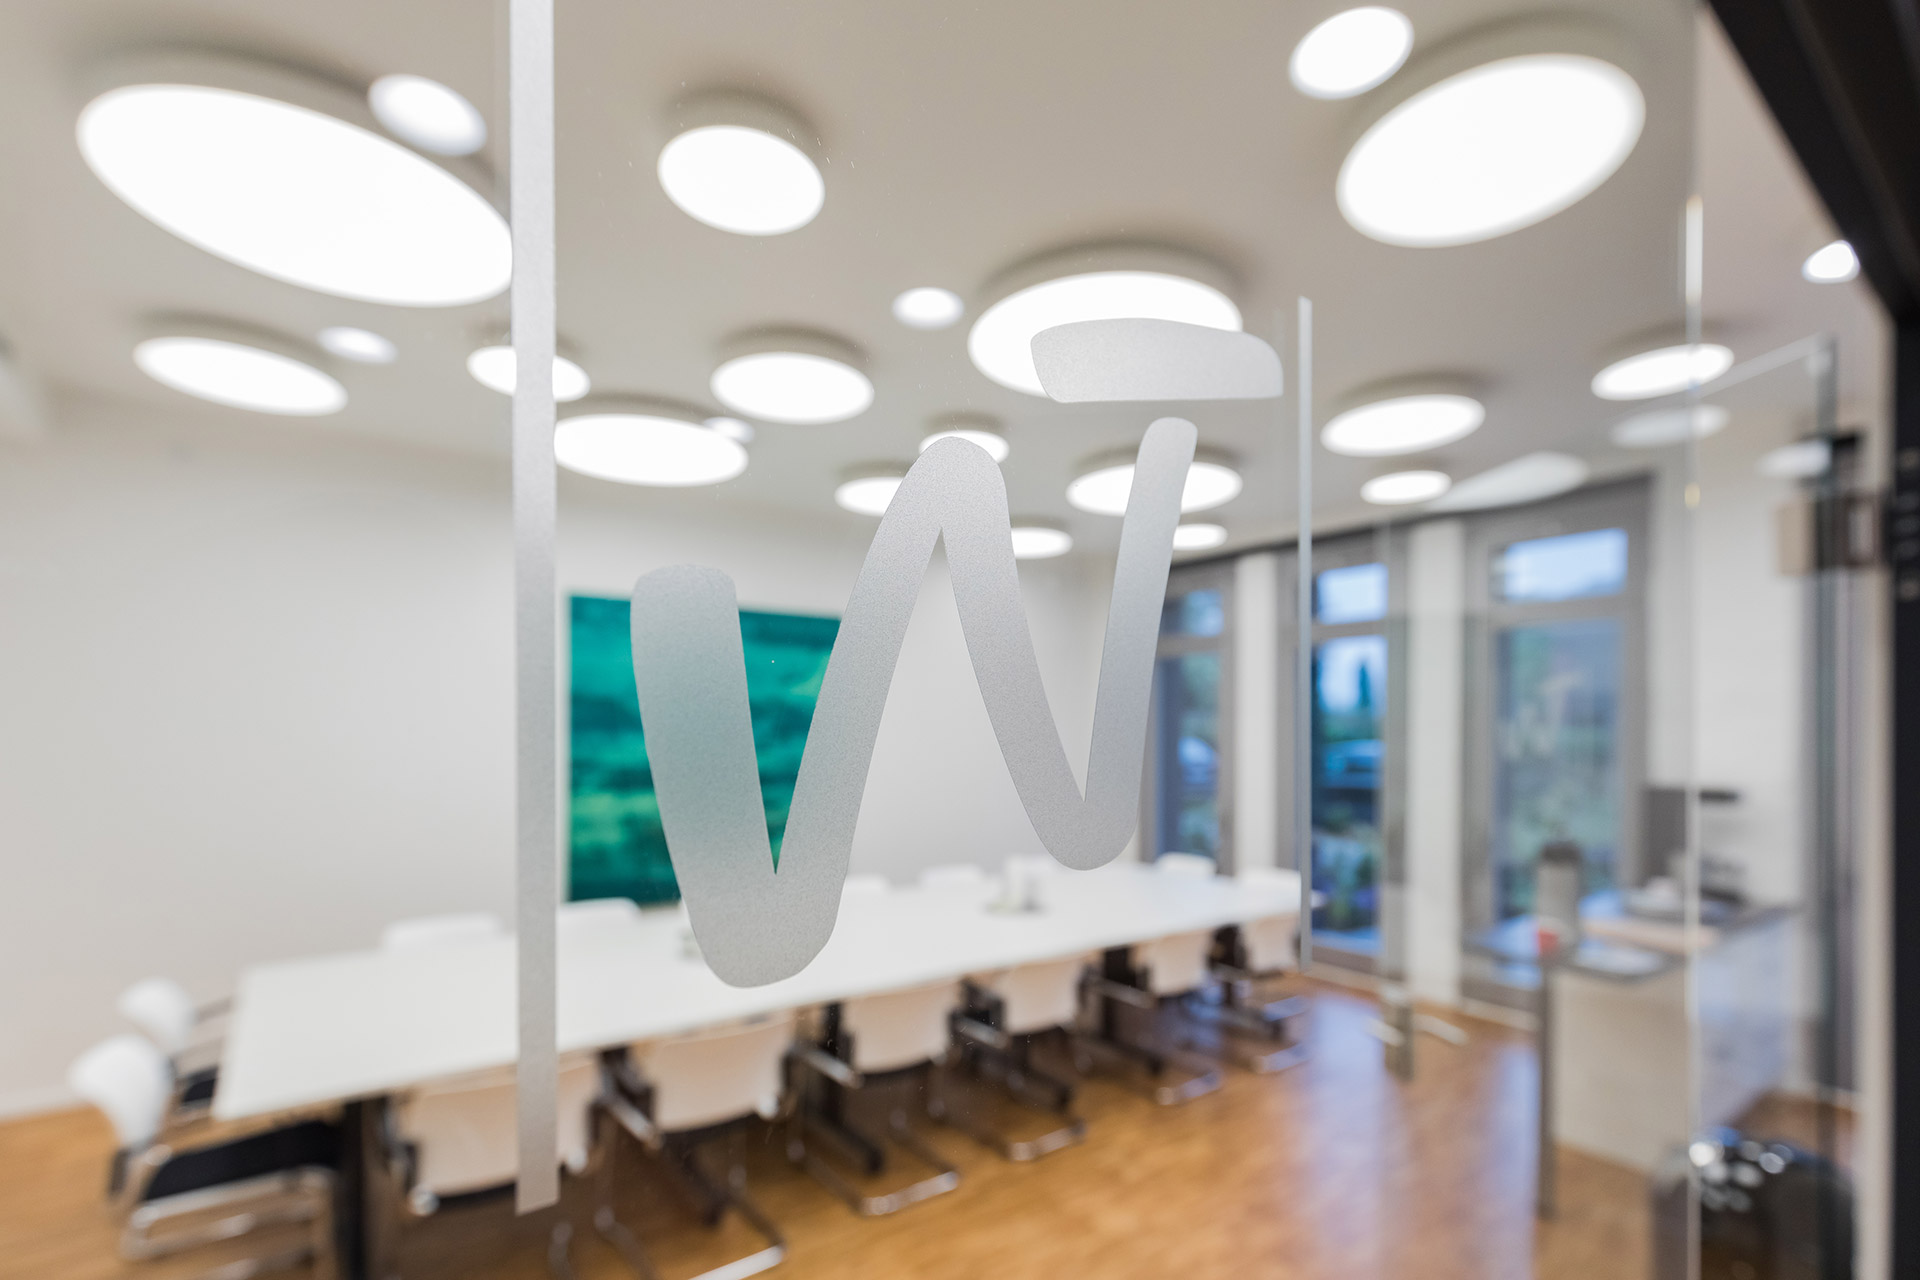 20191024_Park48_Architekten_Wulff-Thaysen_Ratzeburg_00000000002